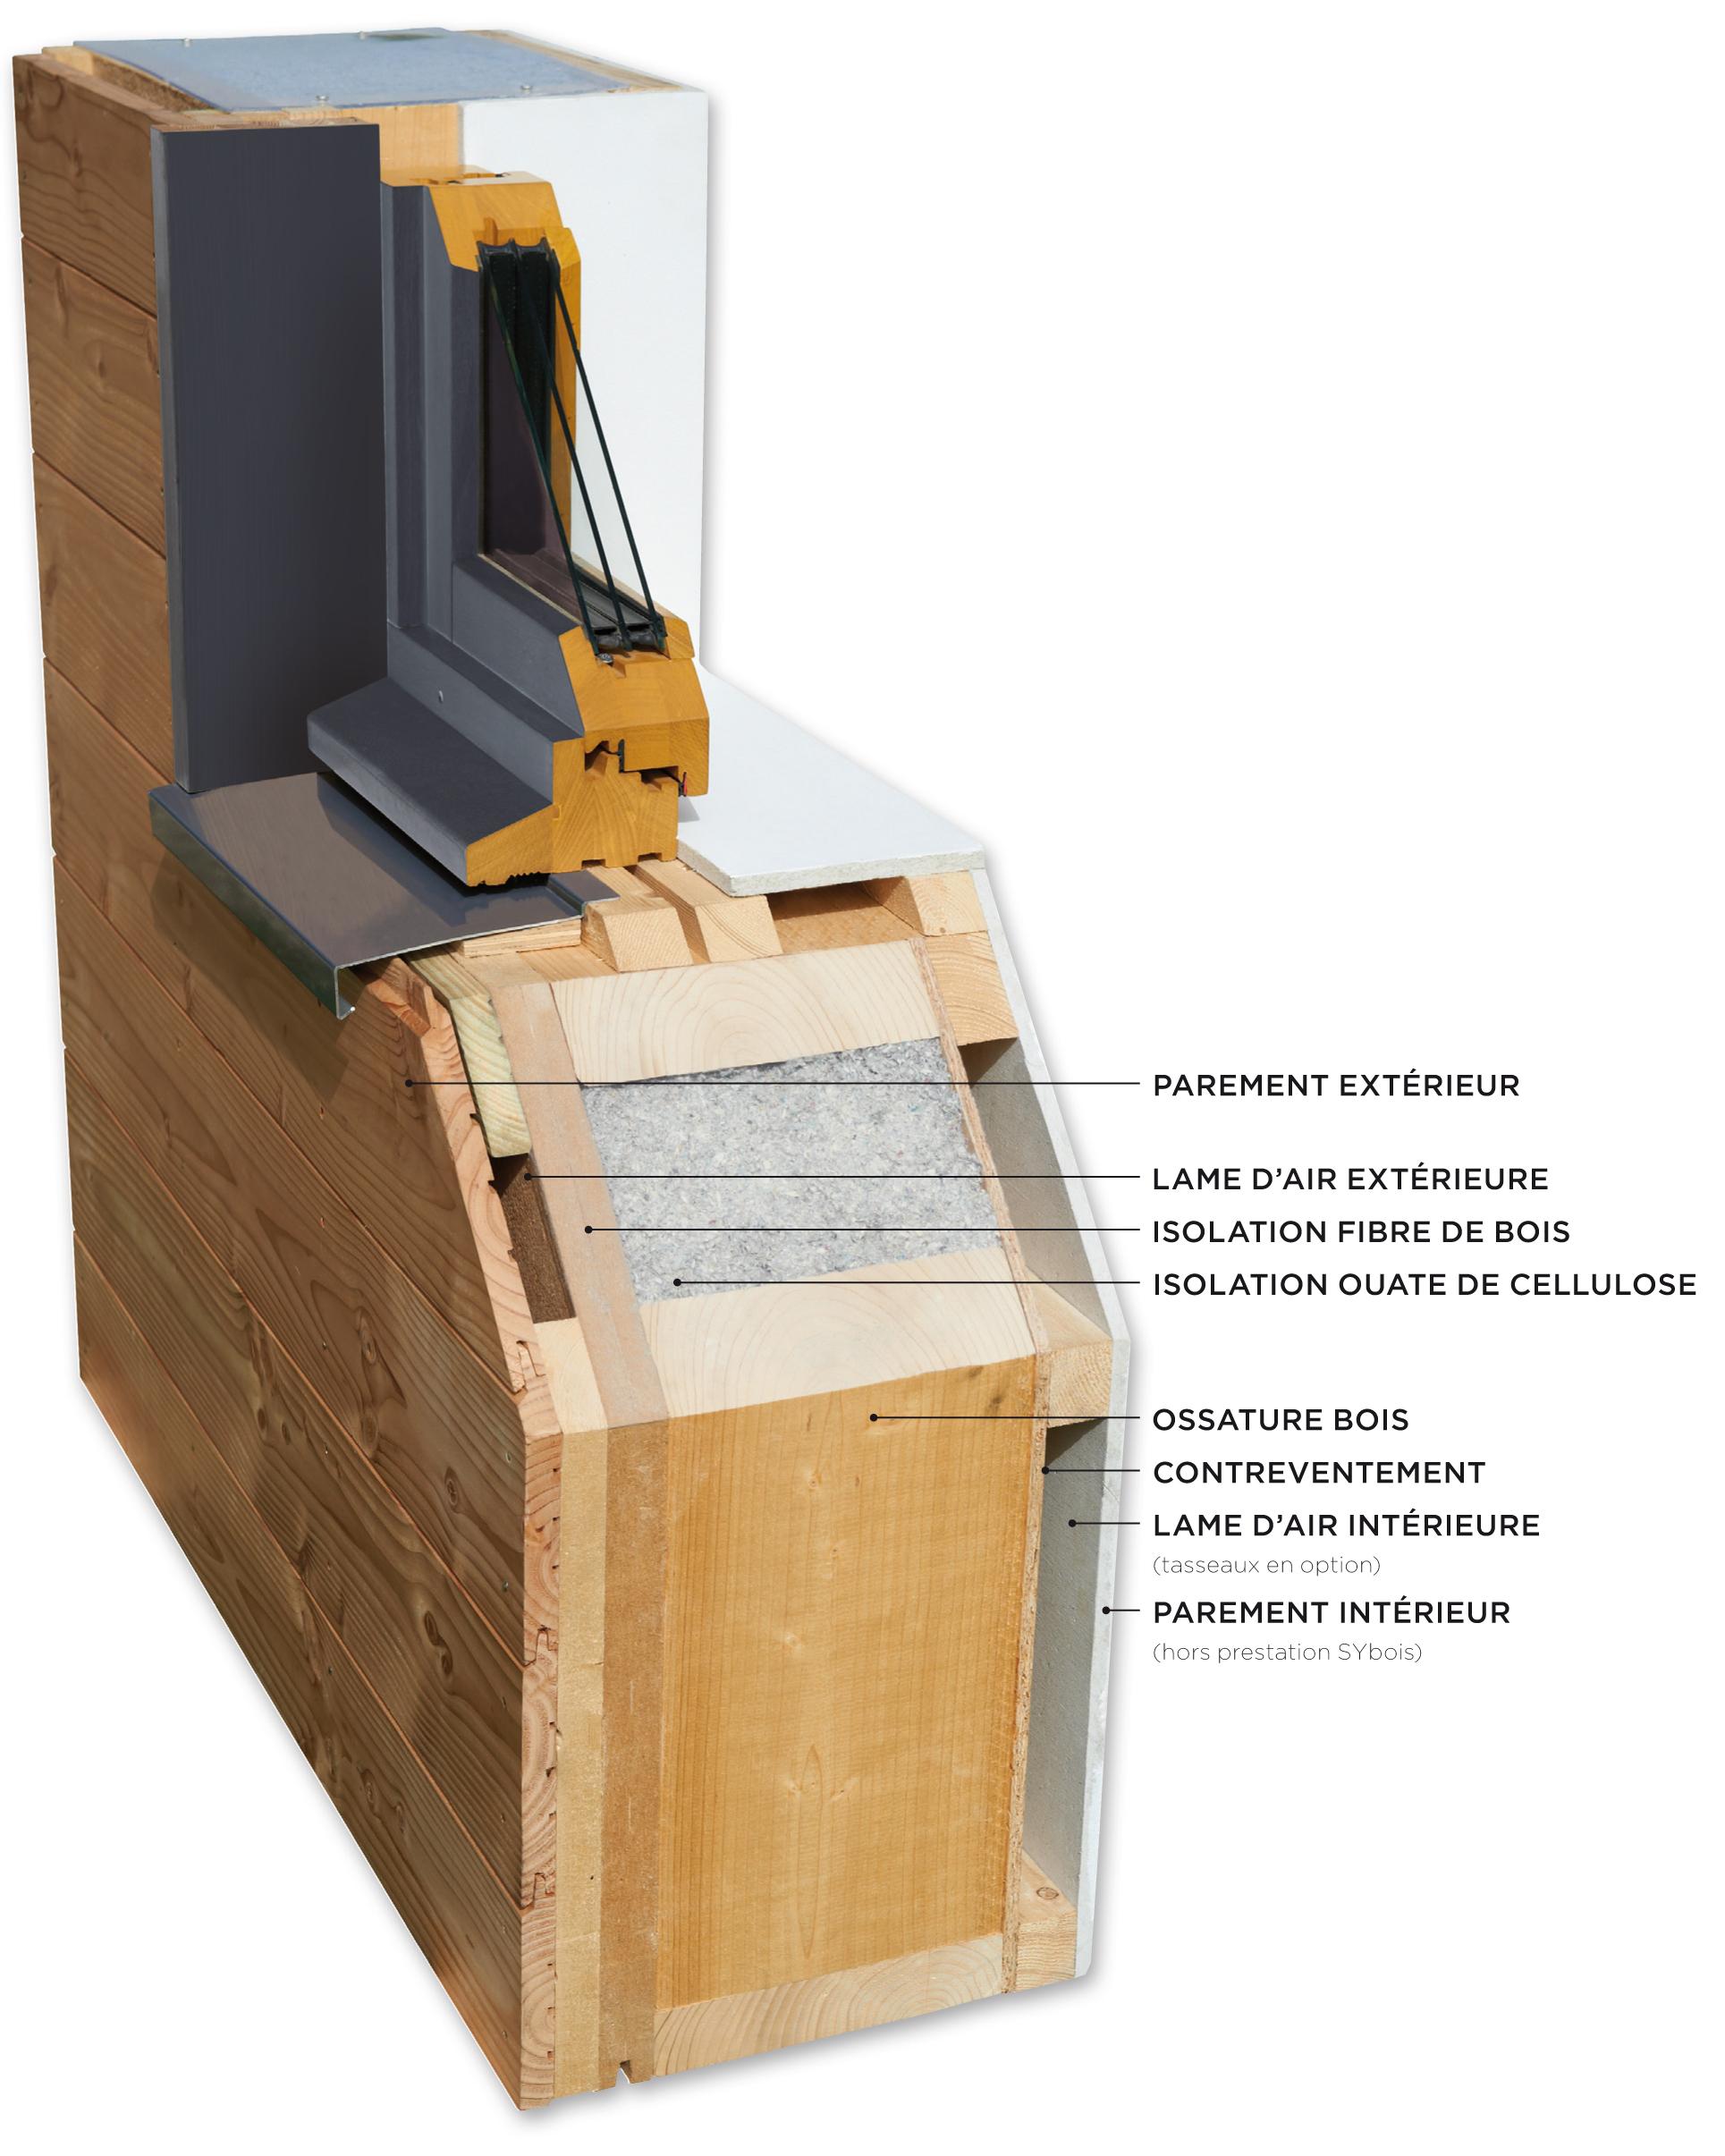 Millet logements sociaux en construction sybois fpa for Construction en bois details